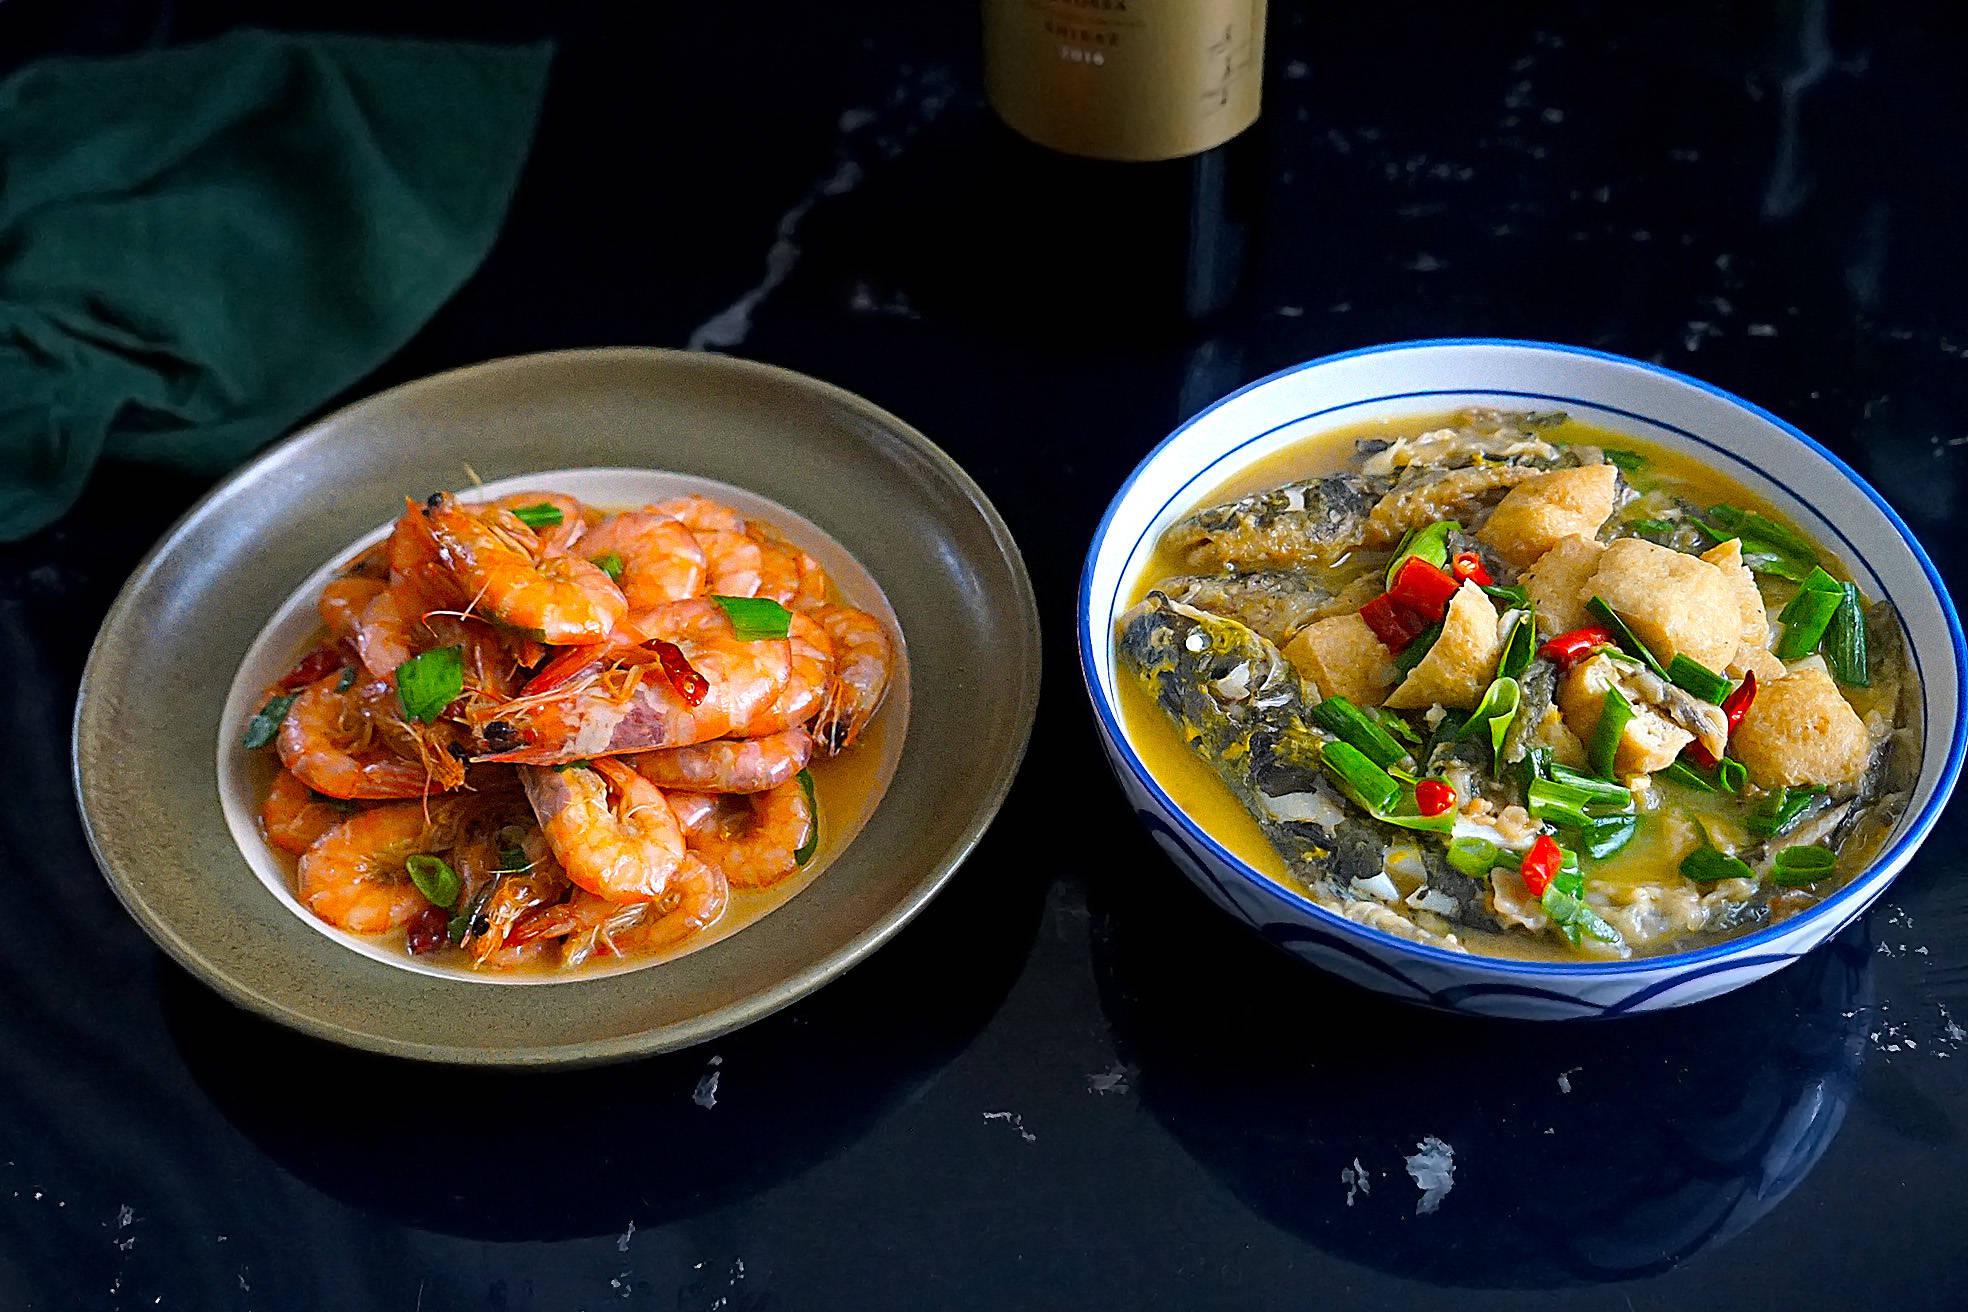 晒晒两口子的冬日午餐,简单又美味,好吃到汤都不剩,拒绝穷精致